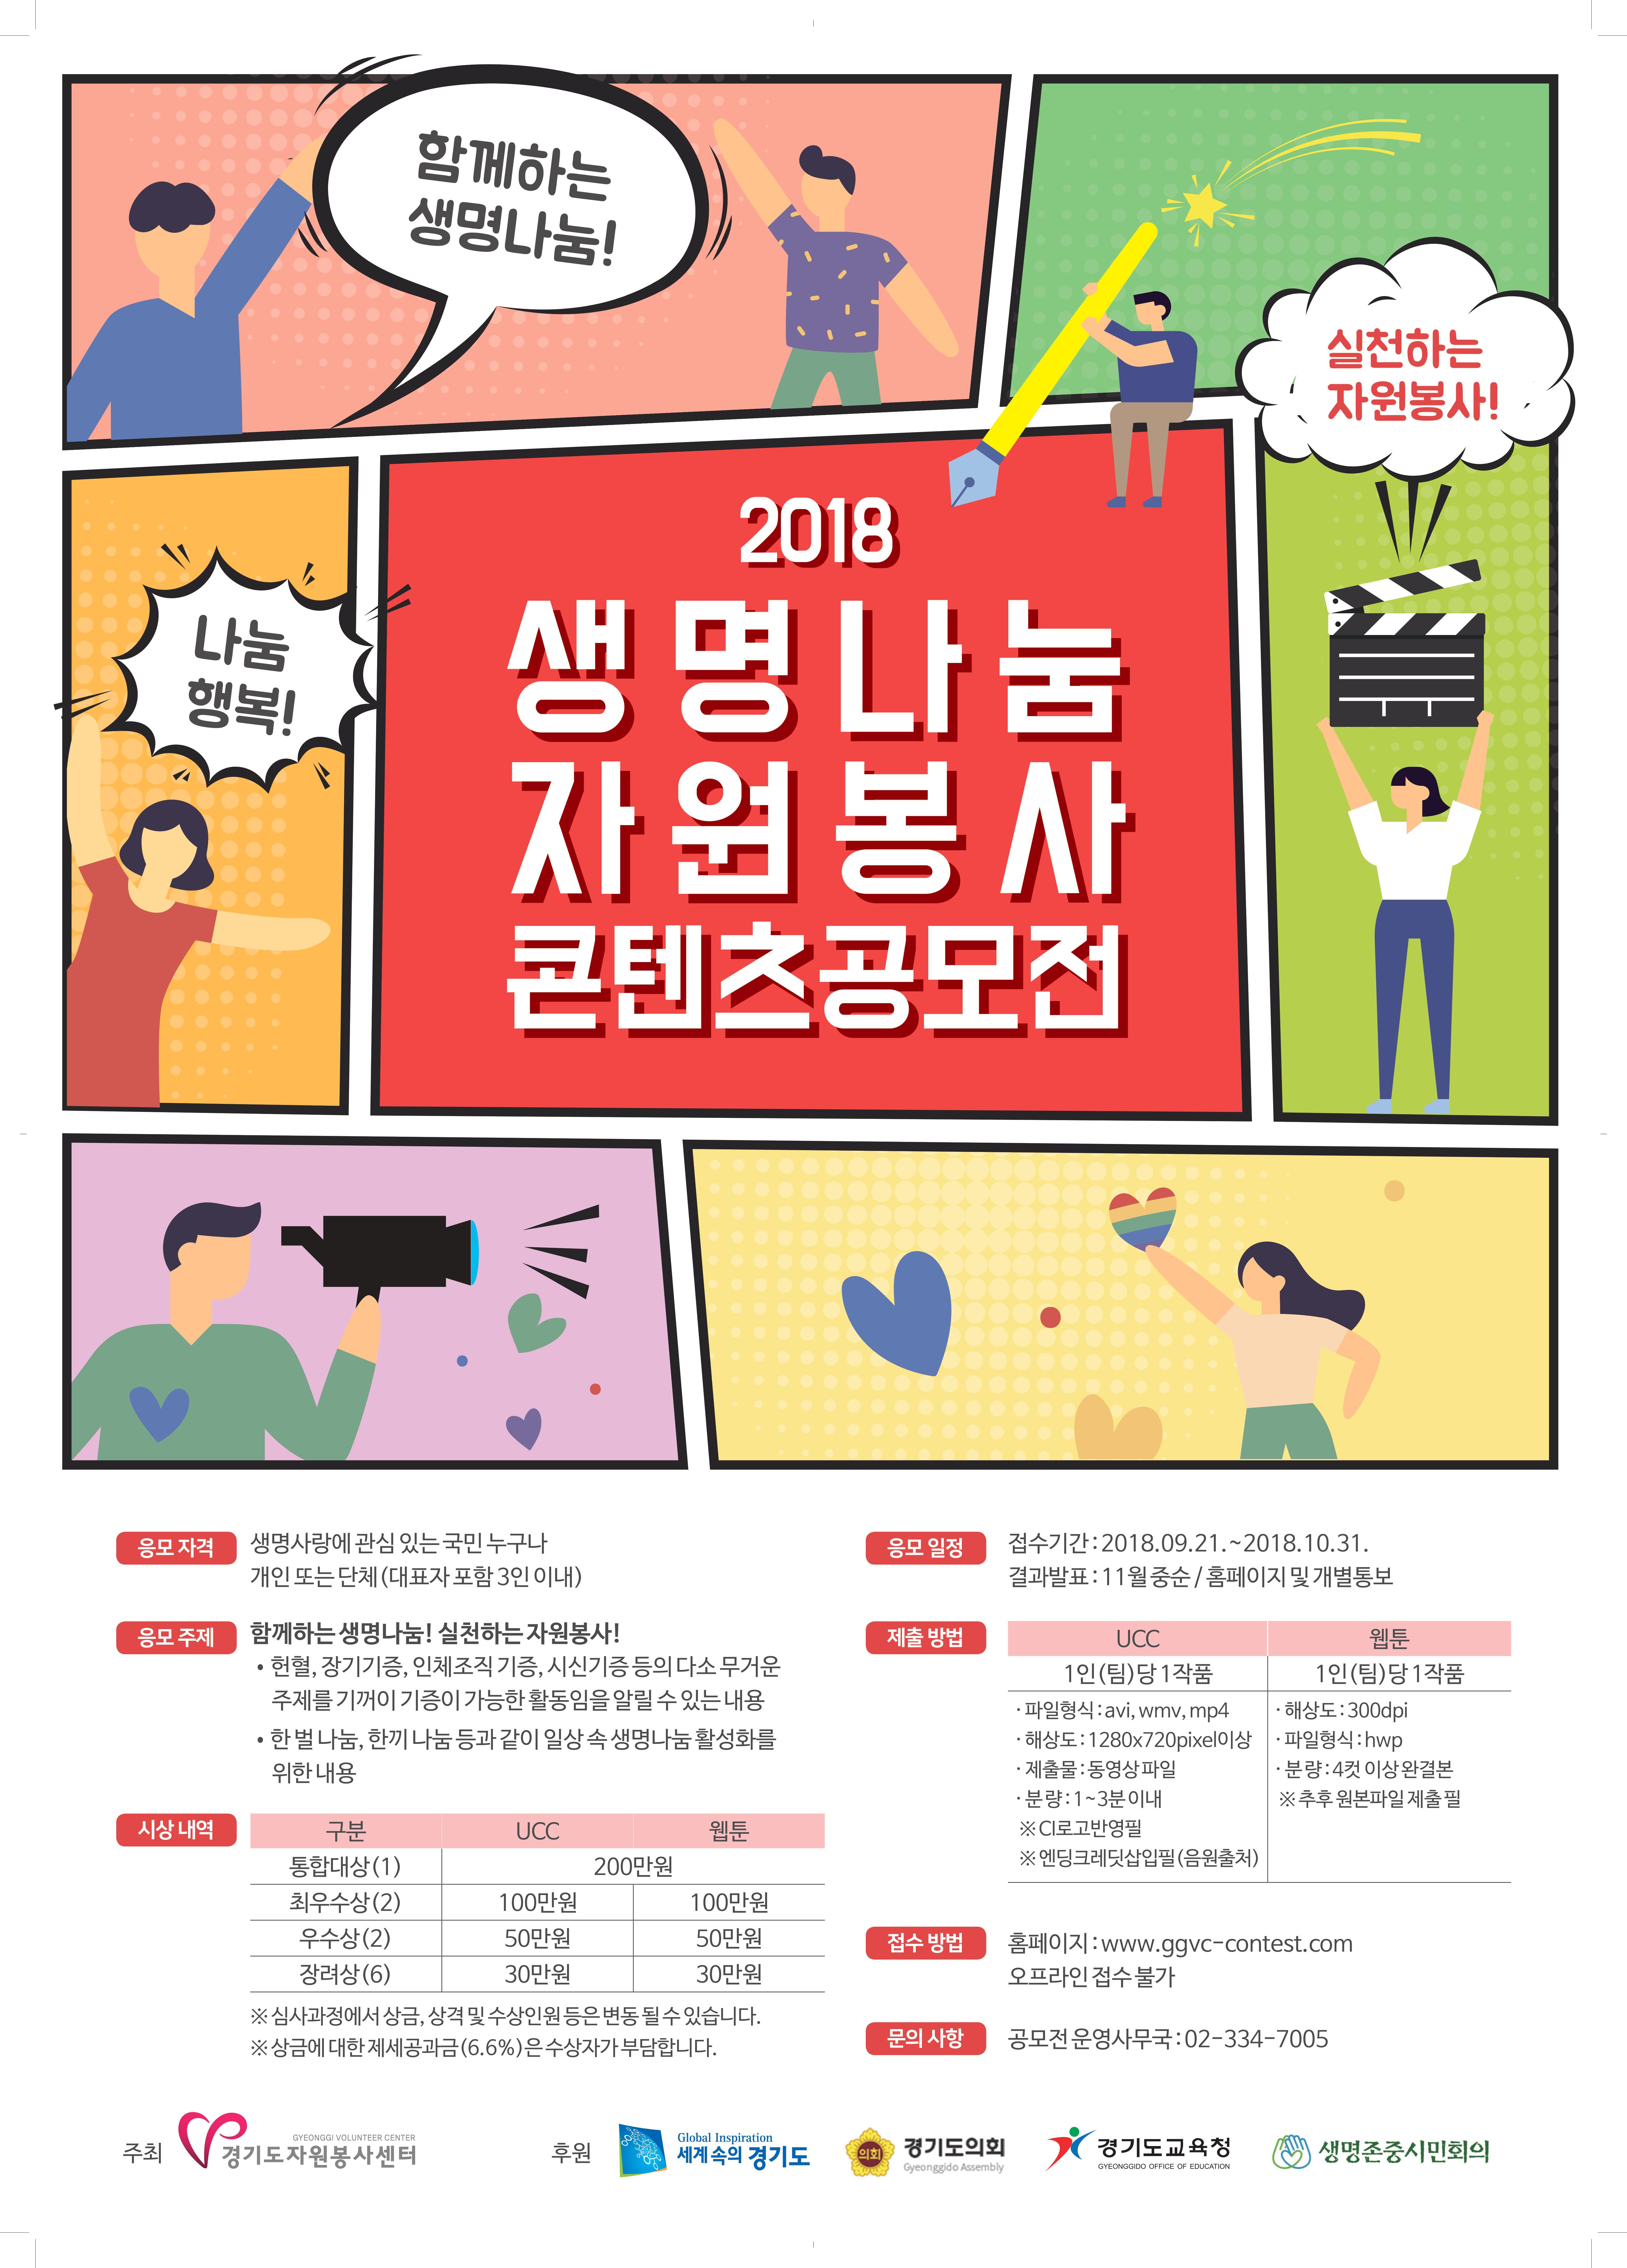 [유관기관 홍보] 생명나눔 자원봉사 콘텐츠 공모전